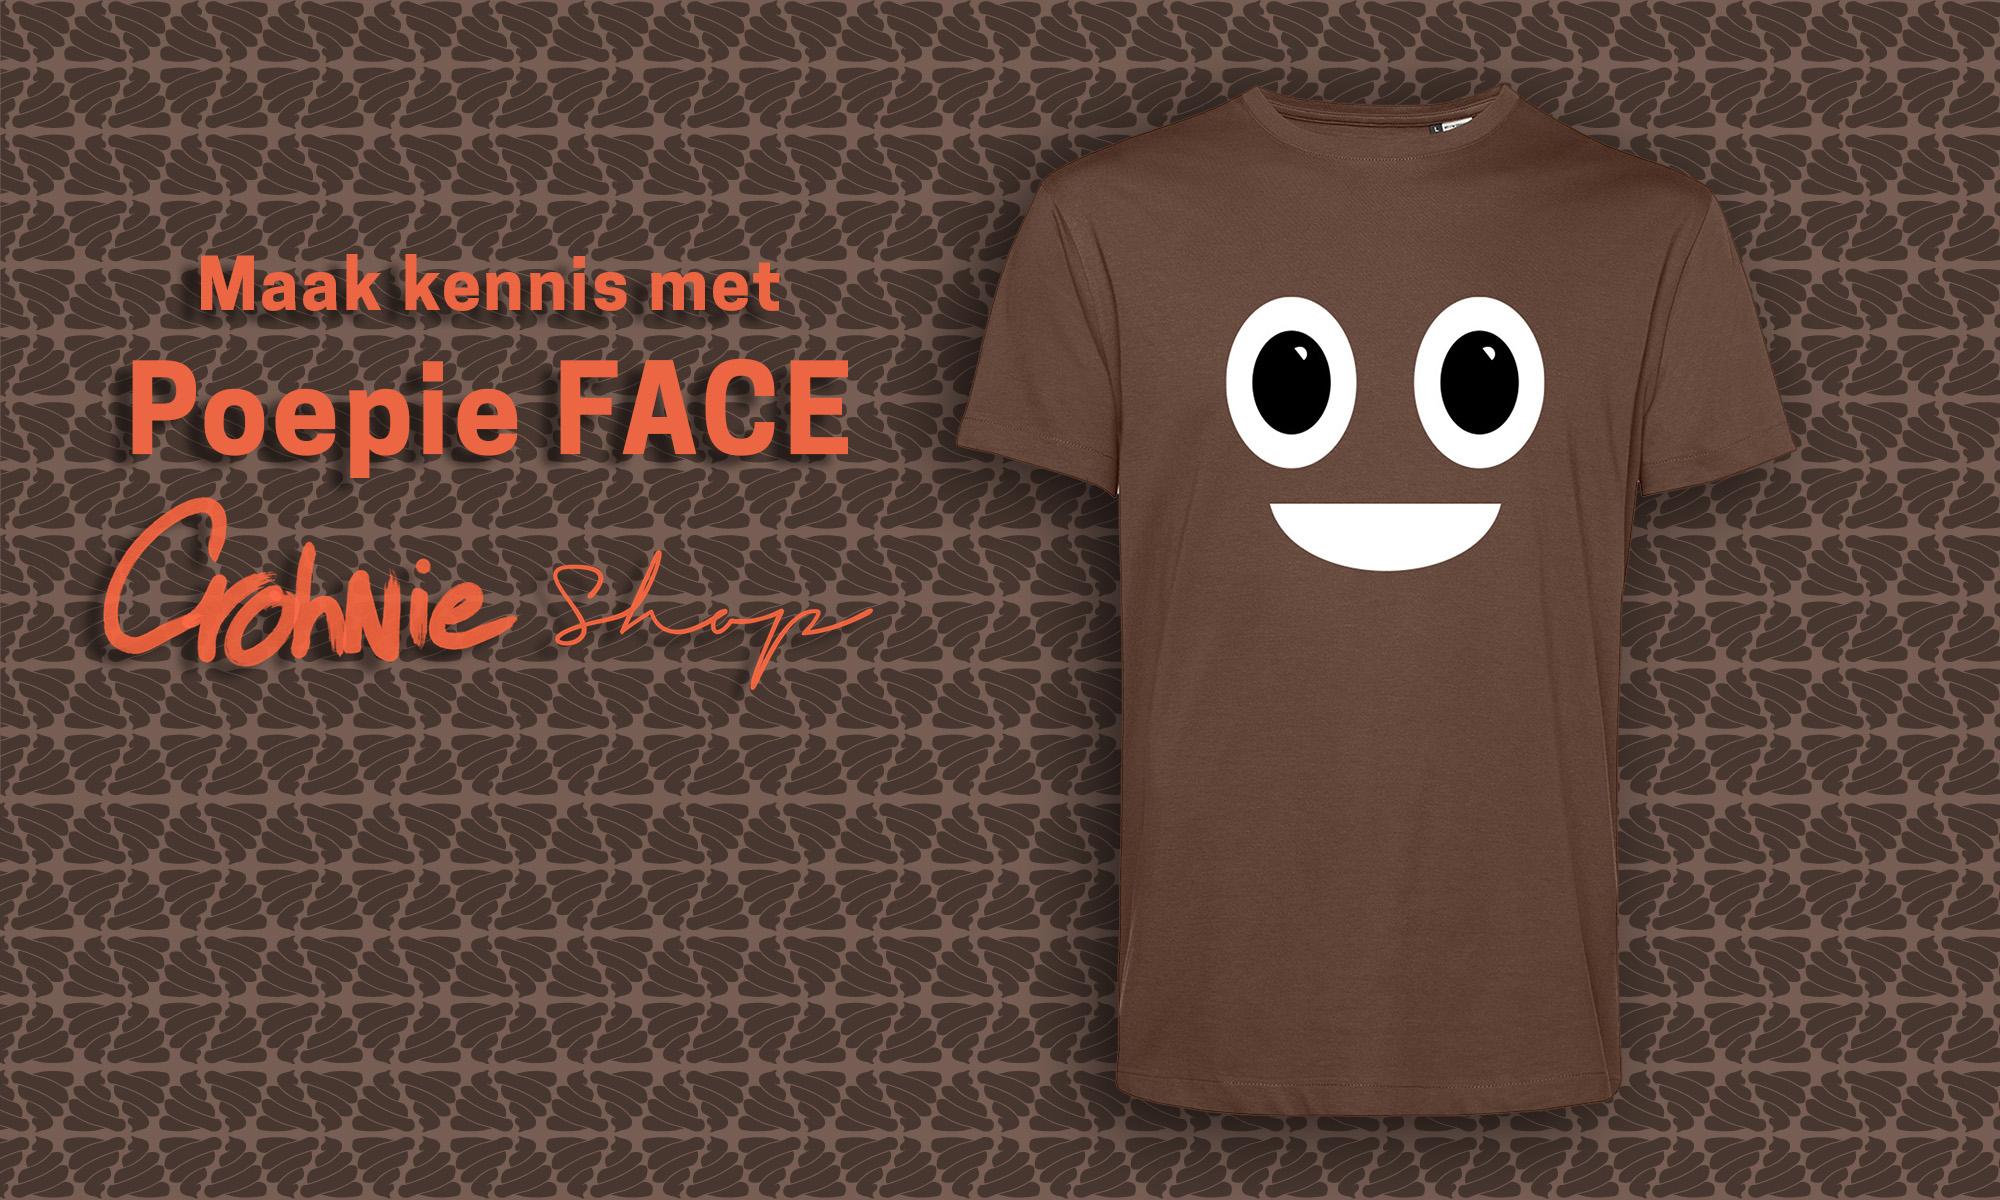 Banner Crohnie Shop - Poepie FACE.jpg